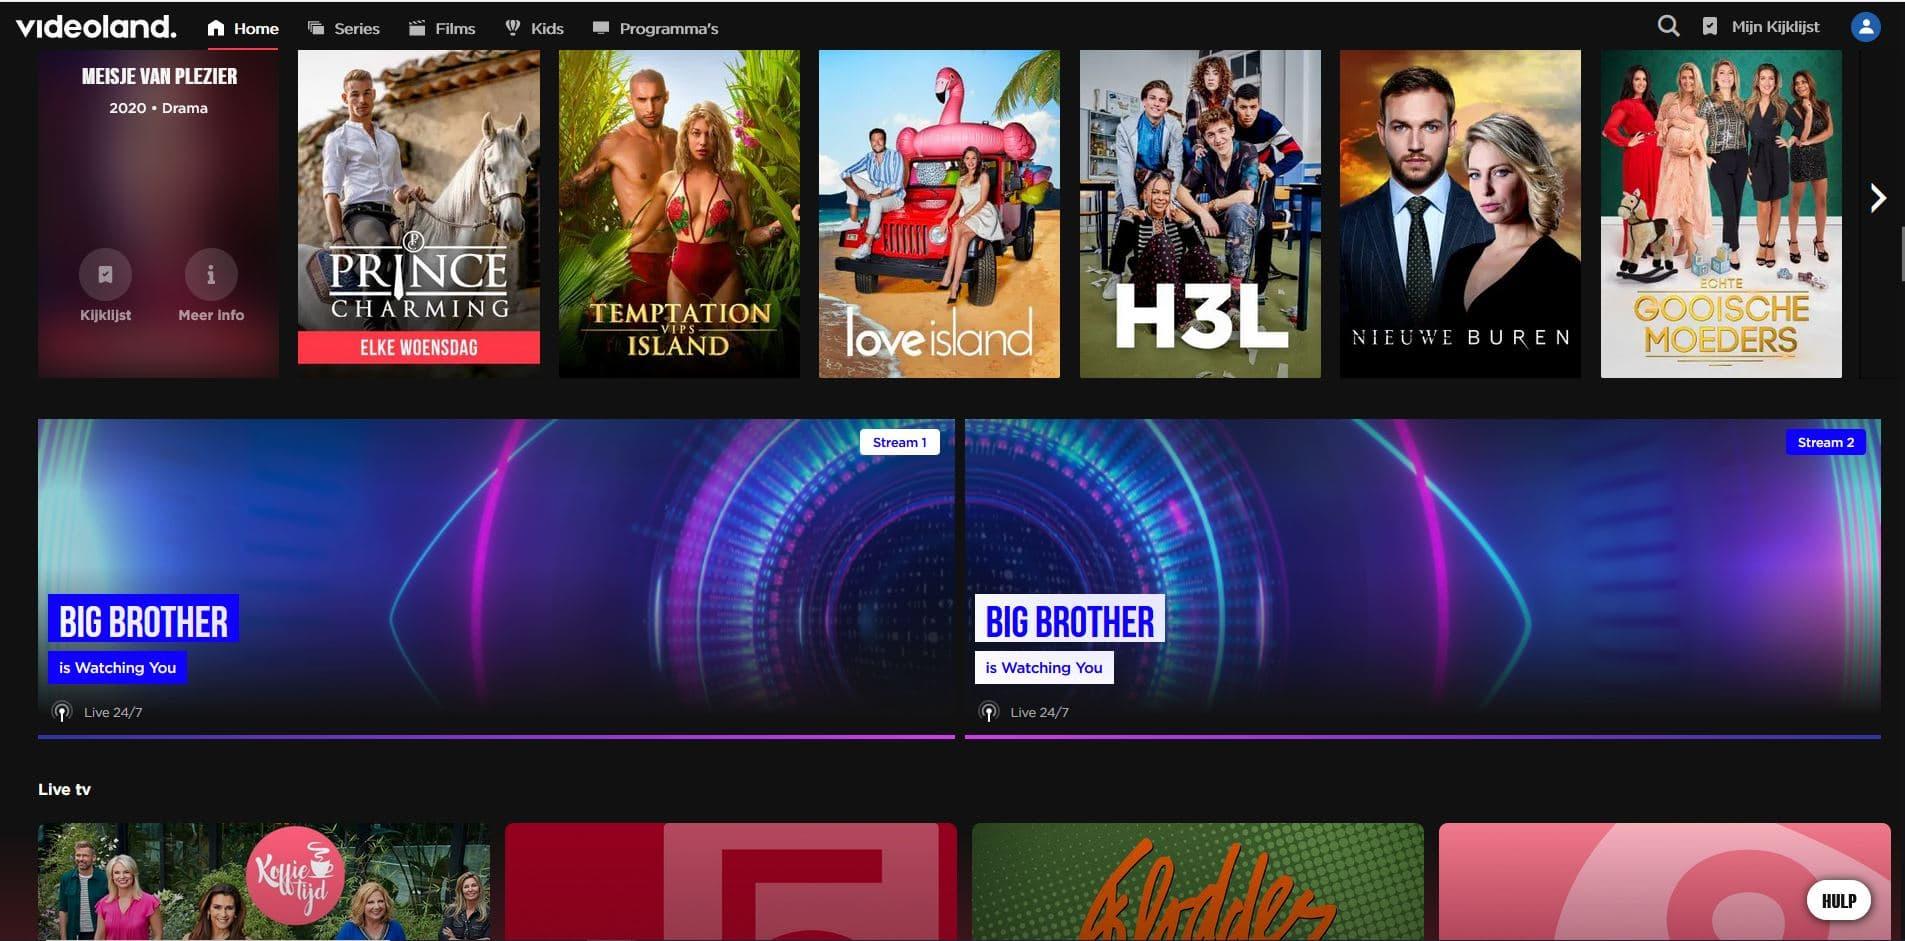 Big Brother 2021 nieuws - Pagina 5 van 8 - Bigbrothertvshow.nl